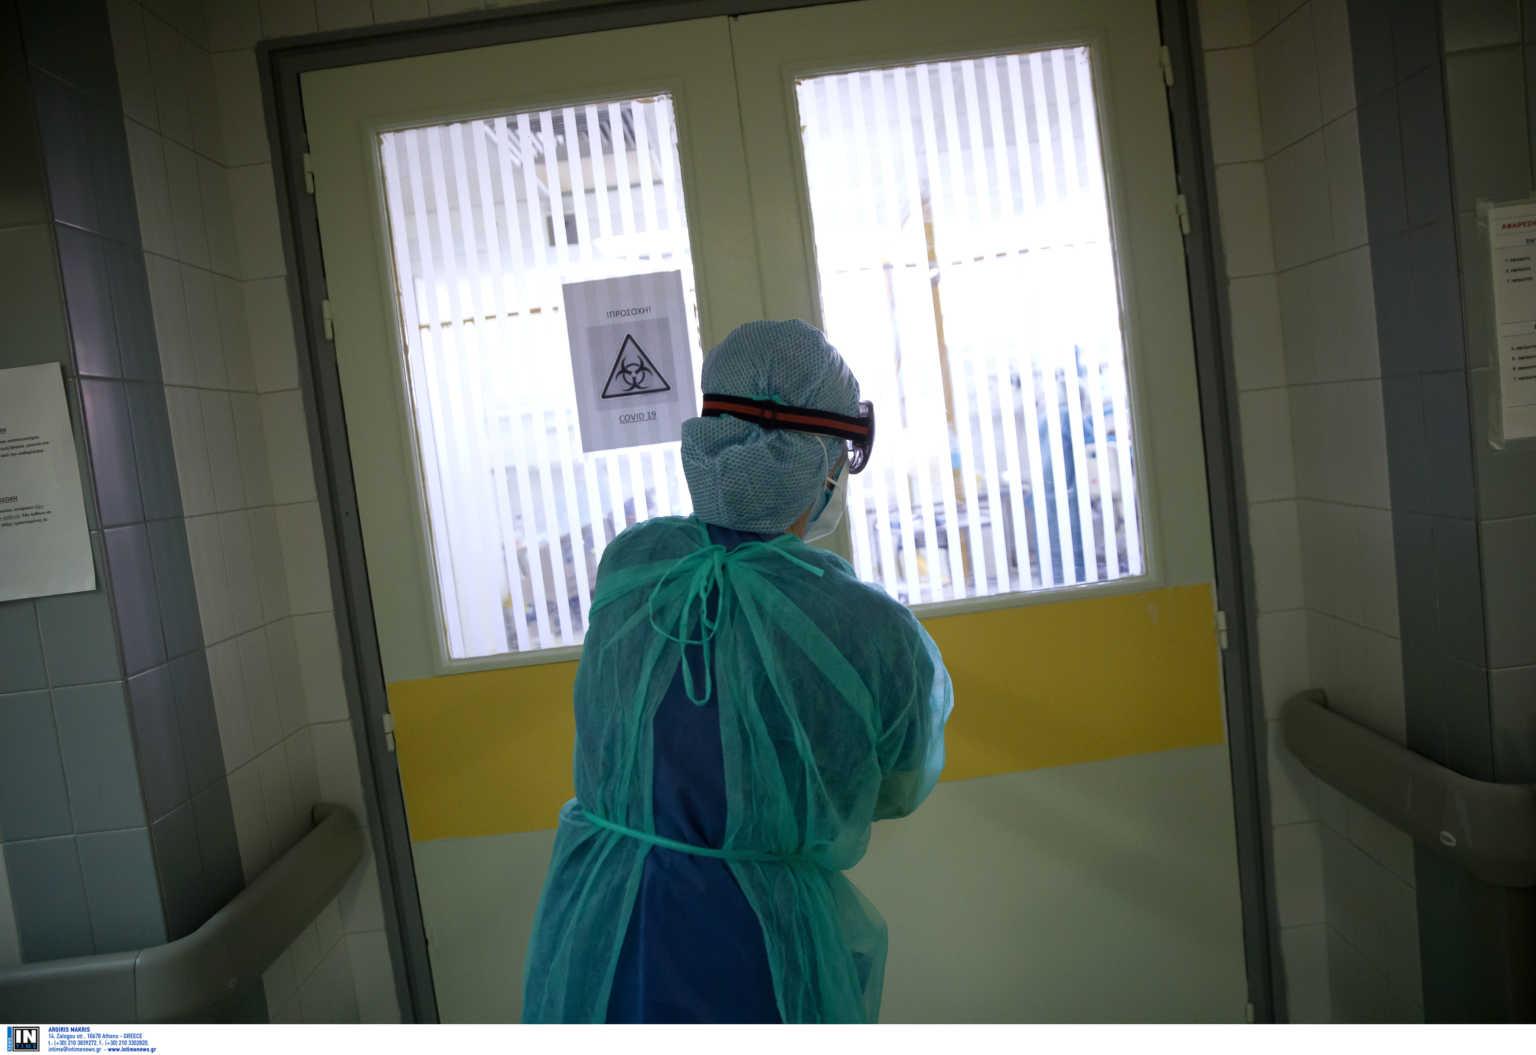 Ν. Στεφανής : Δυστυχώς η πανδημία και η νόσος Covid-19 έκανε την εμφάνισή του σε προσωπικό του Ιδρύματός μας